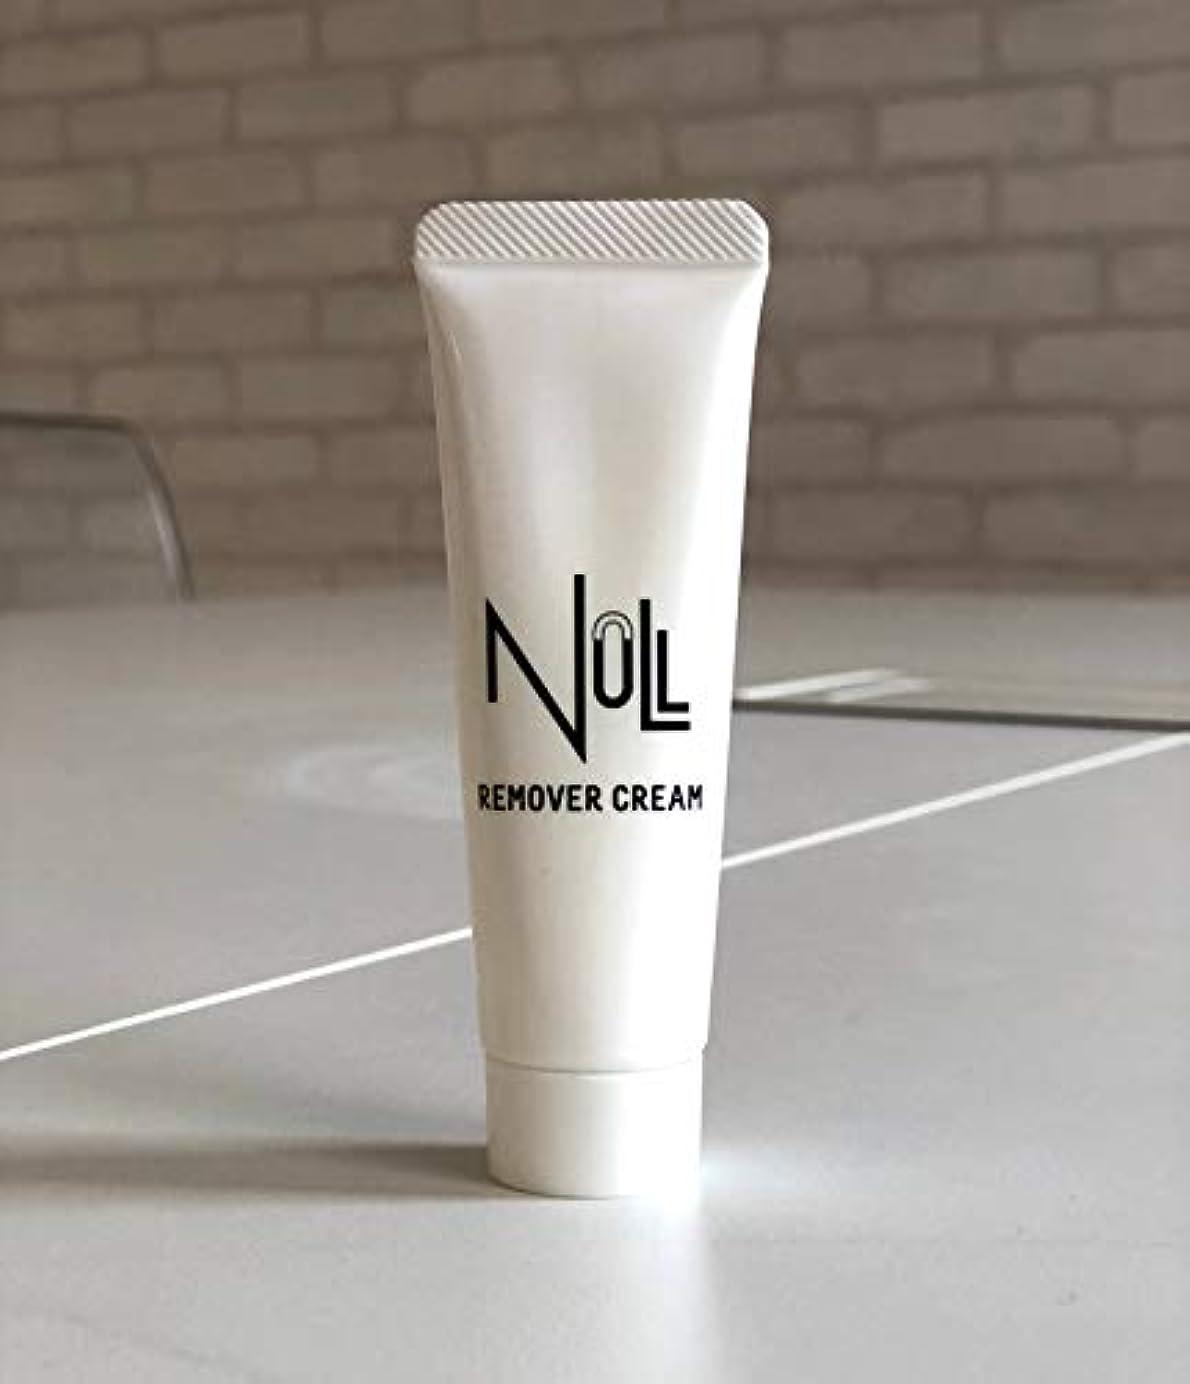 添加剤アナリスト知覚するNULL メンズ 薬用リムーバークリーム 除毛クリーム ミニサンプル 20g [ 陰部/Vライン/アンダーヘア/ボディ用 ]